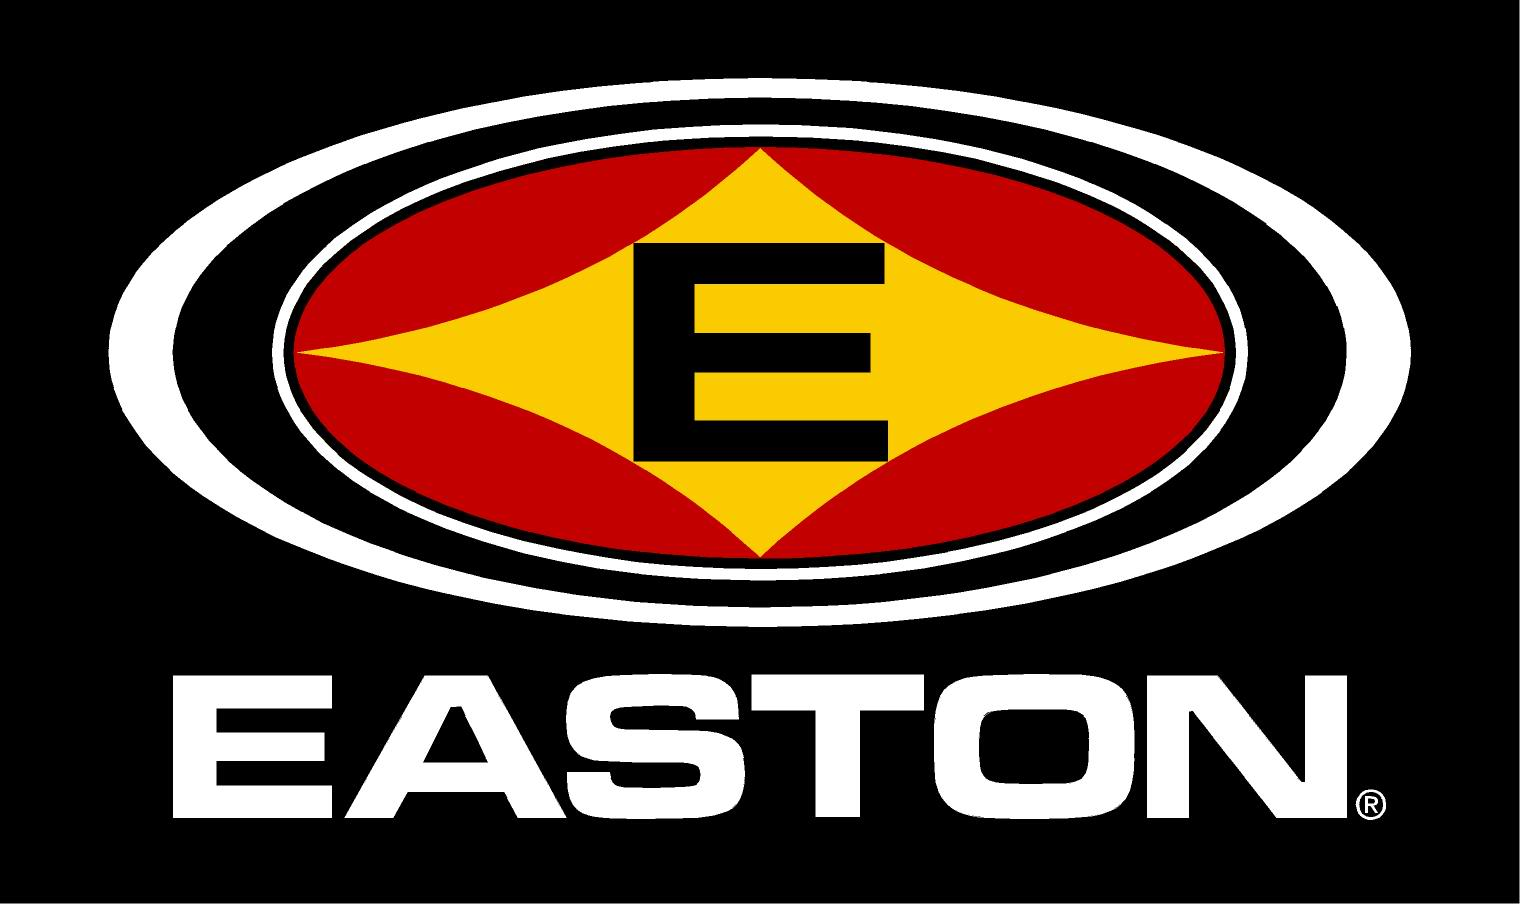 EASTON